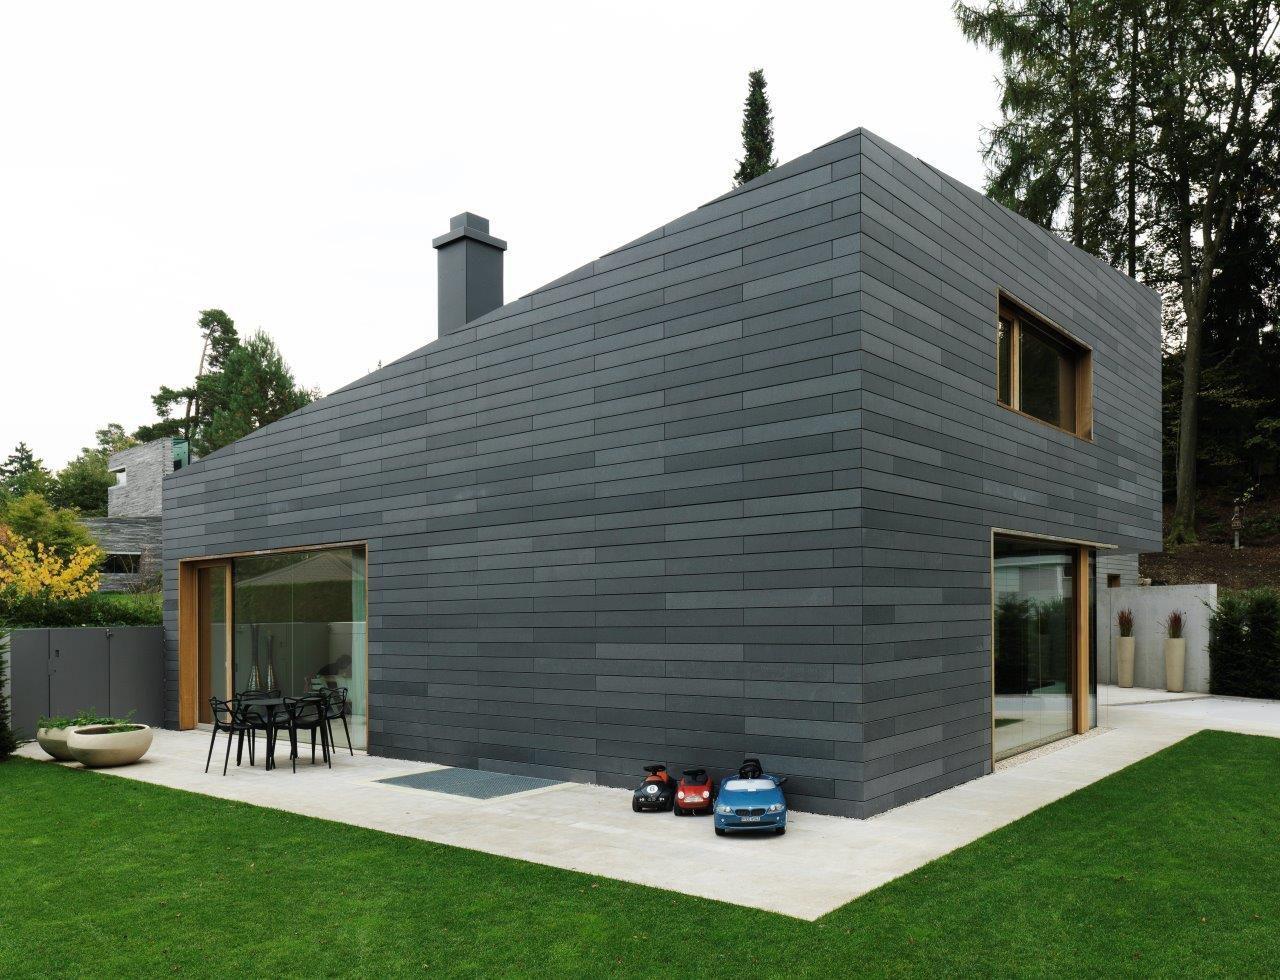 Fassadenverkleidung aus beton gestrichen lamellen for Smart haus wohncontainer